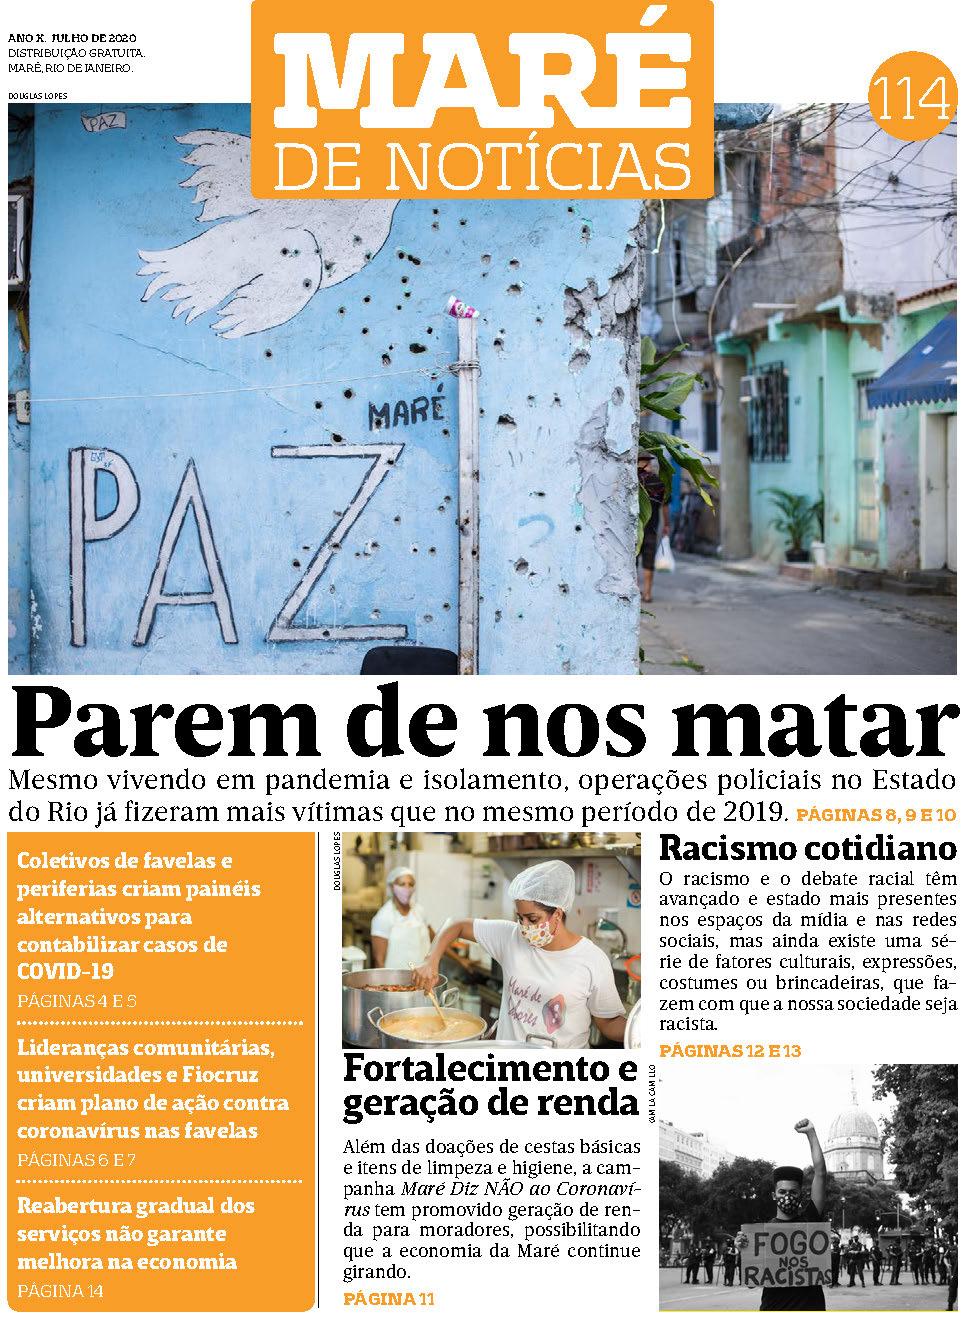 Maré de Notícias #114